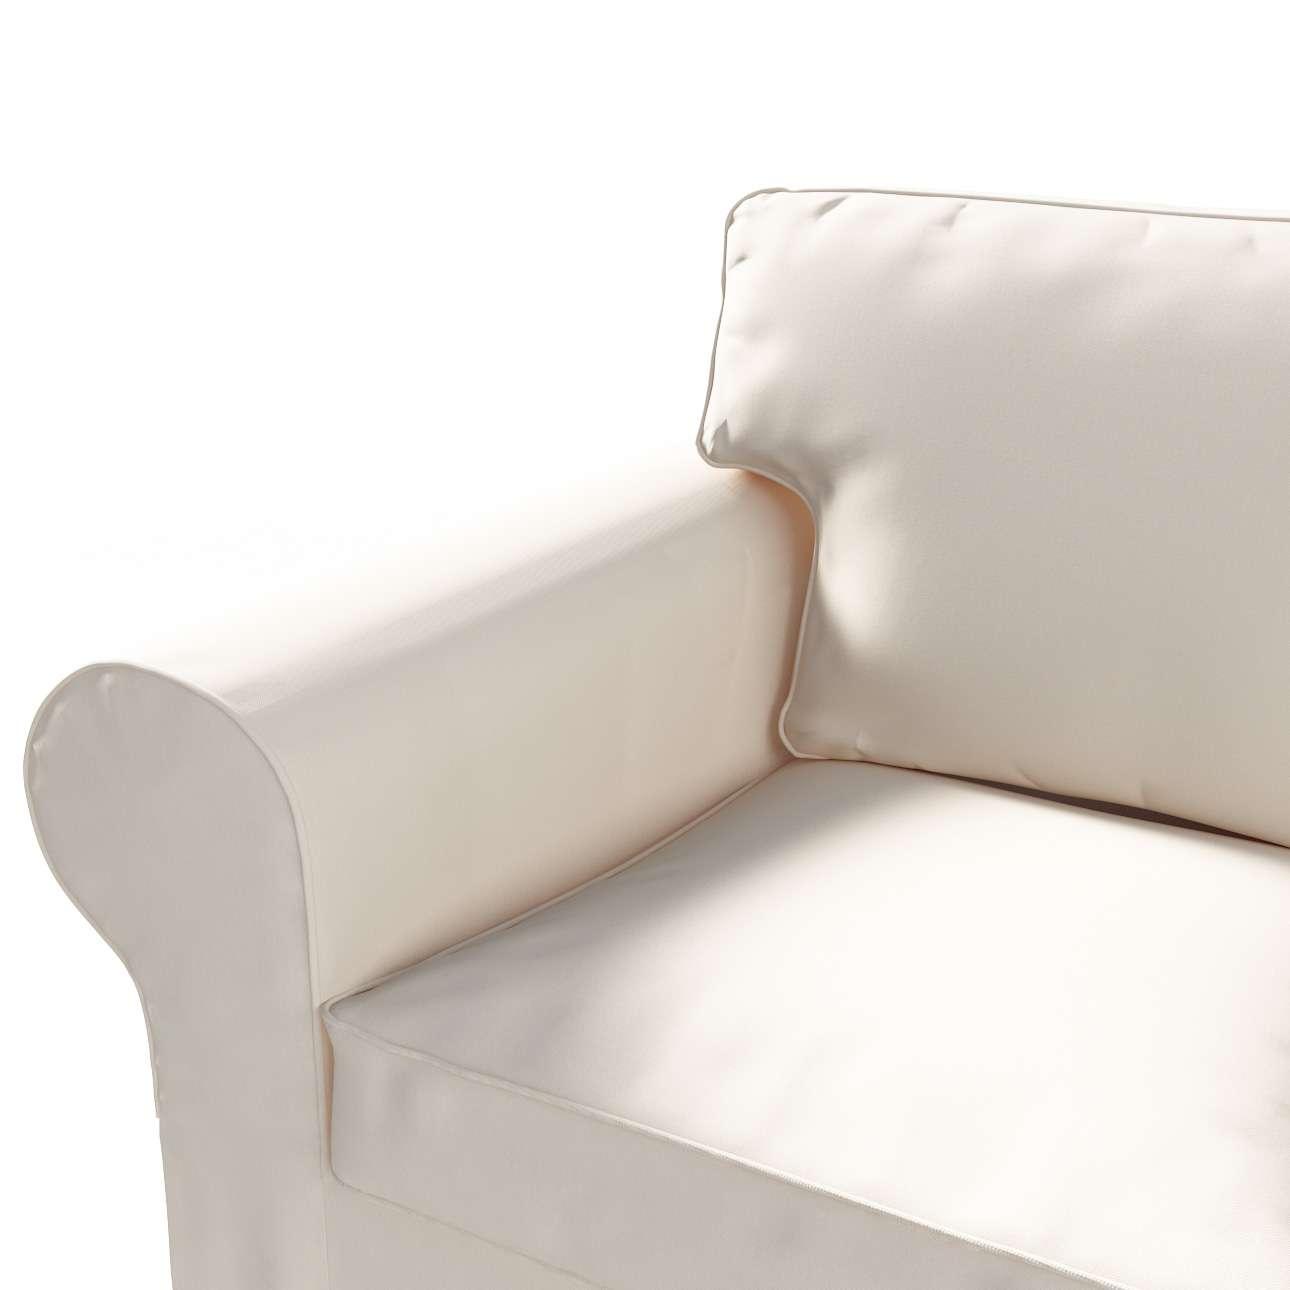 Ektorp 3-Sitzer Schlafsofabezug, ALTES Modell von der Kollektion Etna, Stoff: 705-01